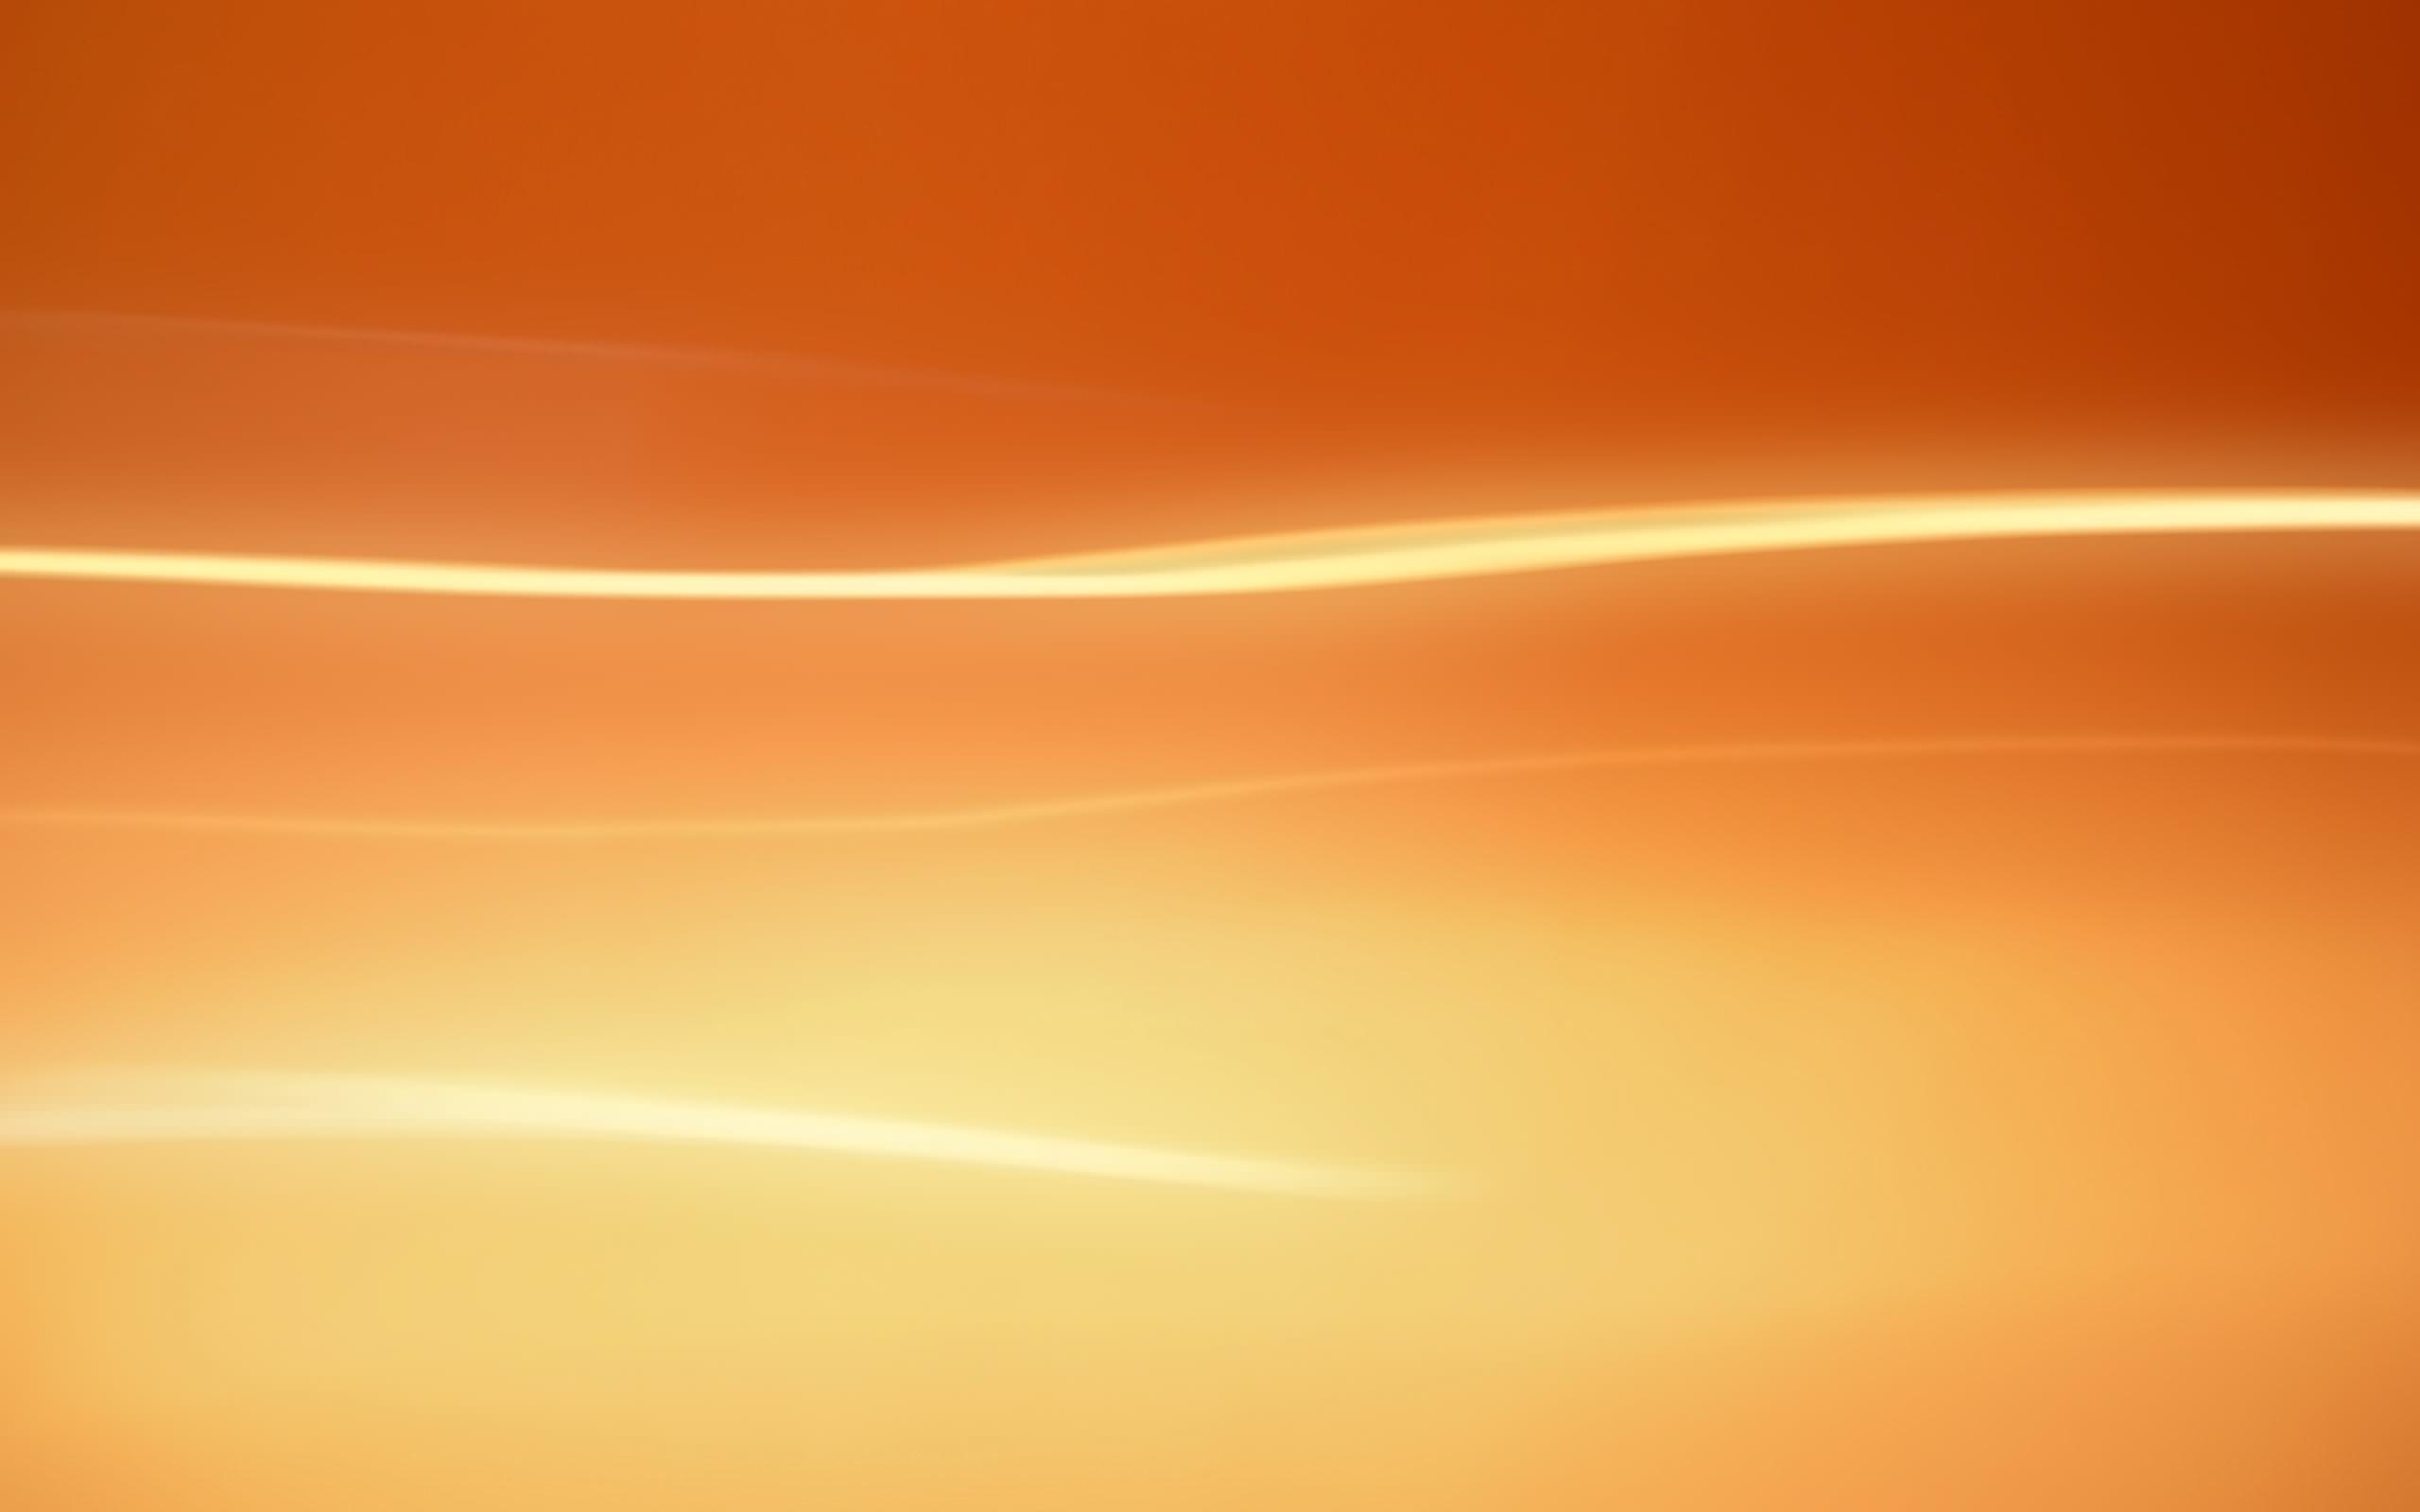 00997_photonbeam_2560x1600